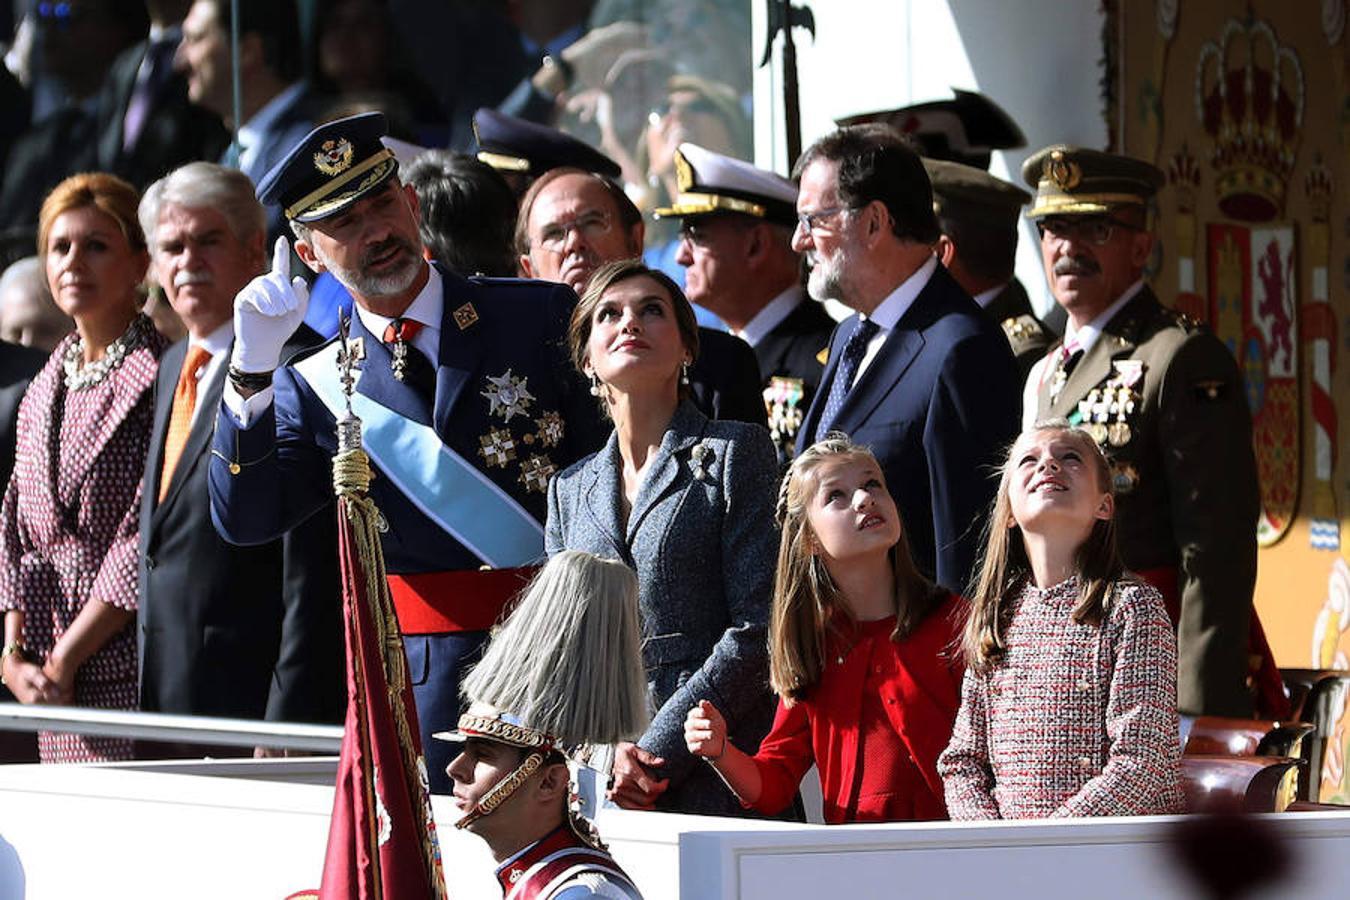 Los Reyes y sus hijas, la princesa de Asturias y la infanta Sofía, observan la exhibición aérea, durante el desfile del Día de la Fiesta Nacional (EFE)